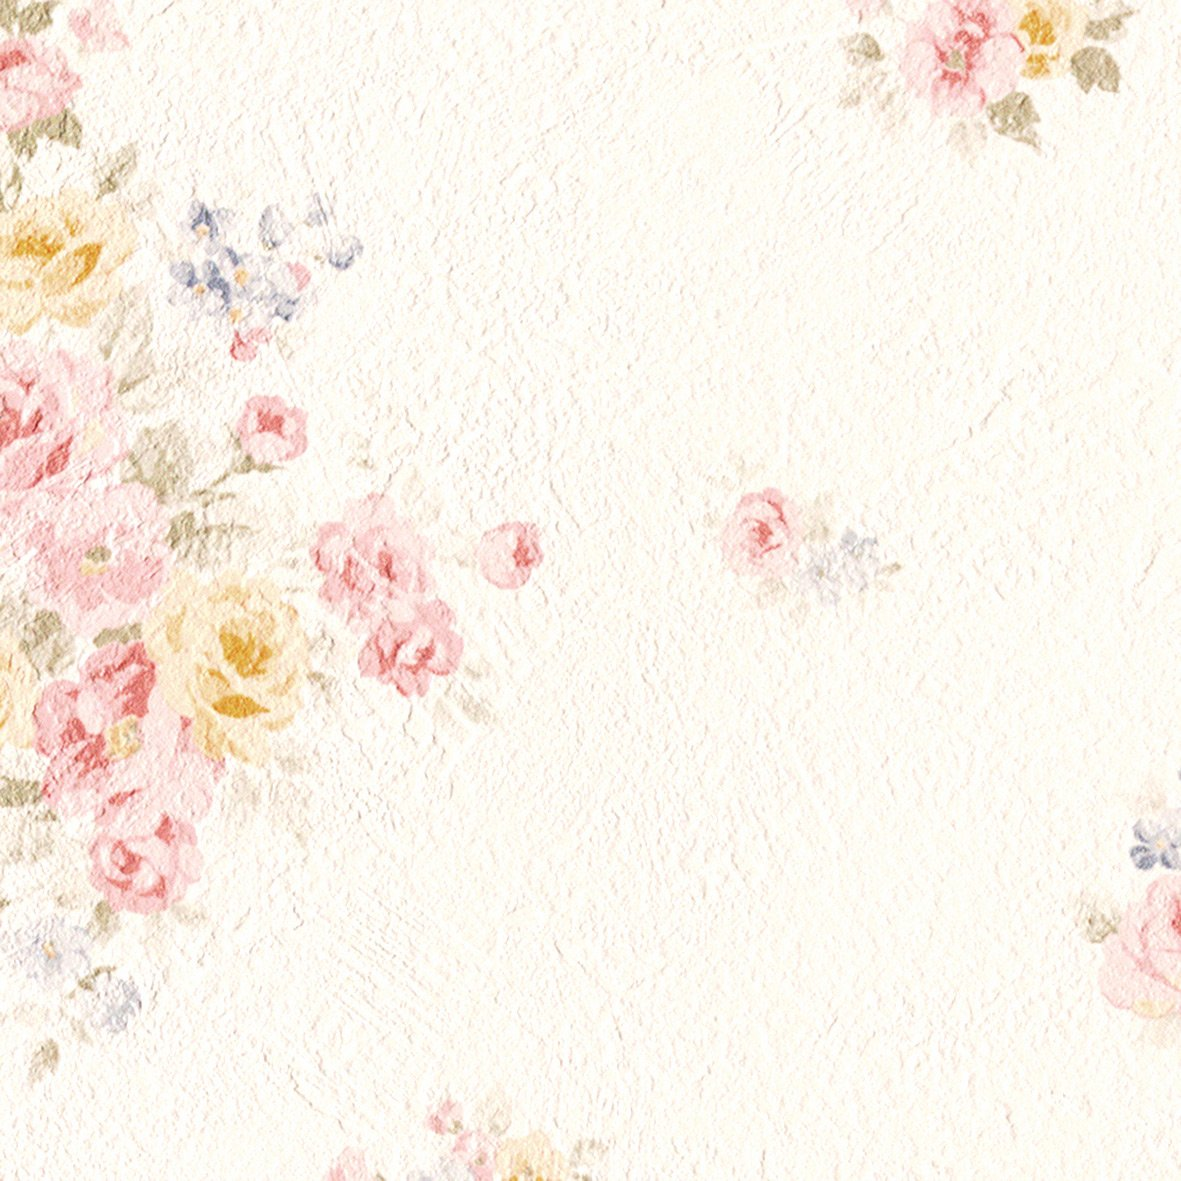 リリカラ 壁紙25m フェミニン 花柄 ベージュ 寝室プライベートルーム LV-6344 B01IHTWX64 25m|ベージュ